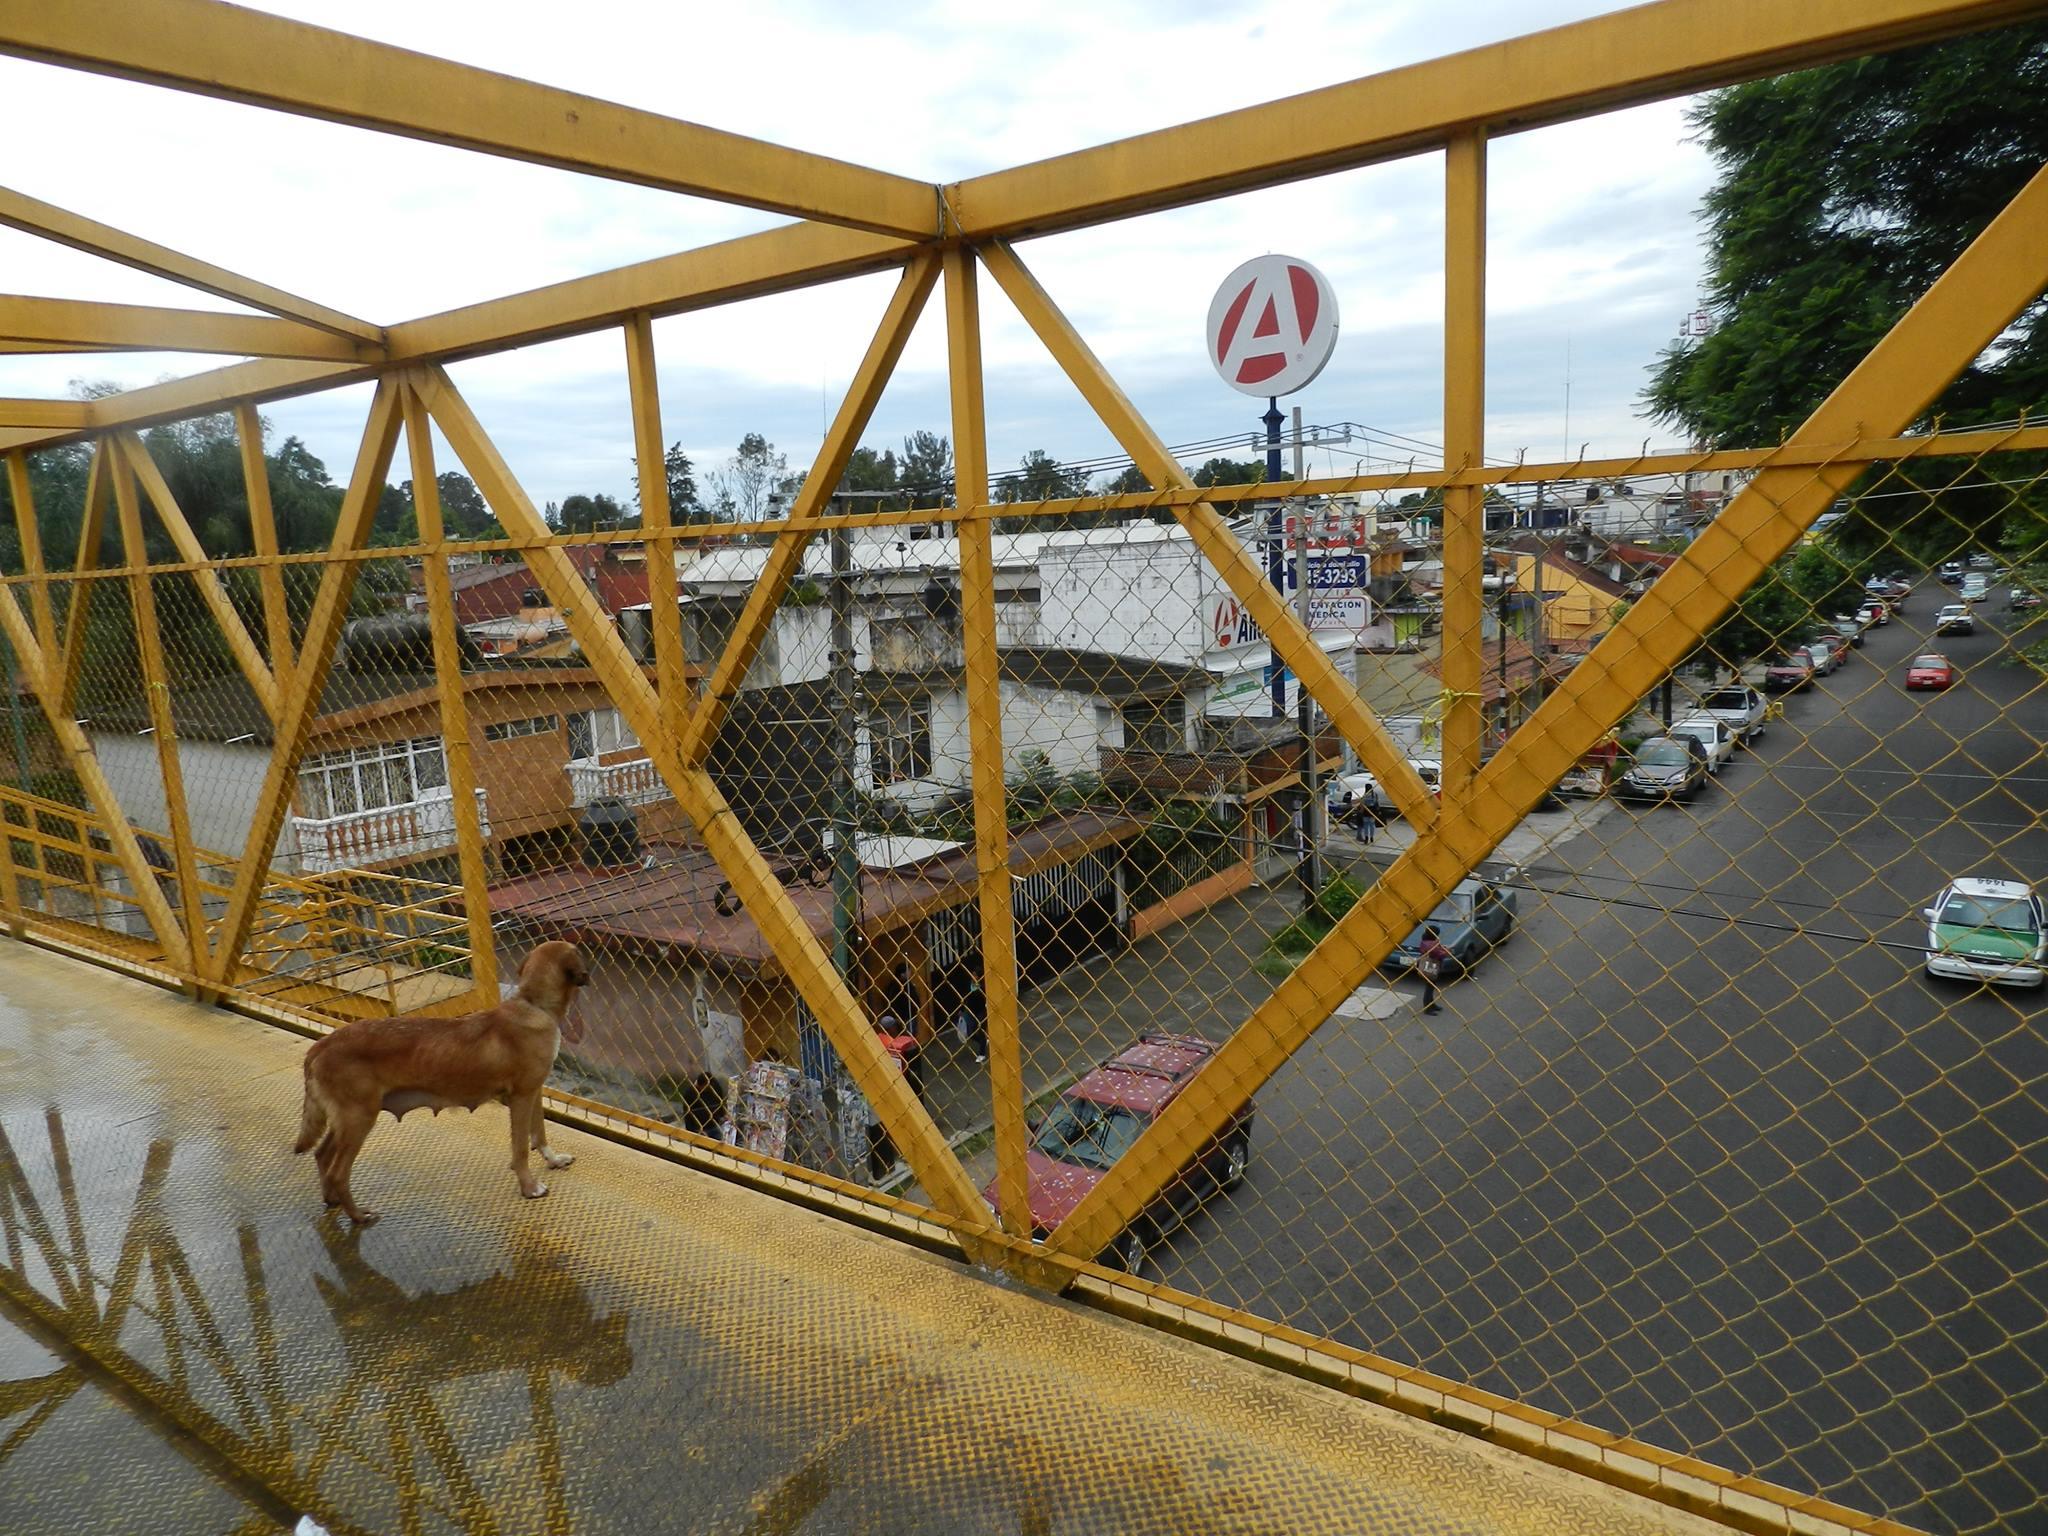 Hábito mortal, no usar los puentes o pasos peatonales